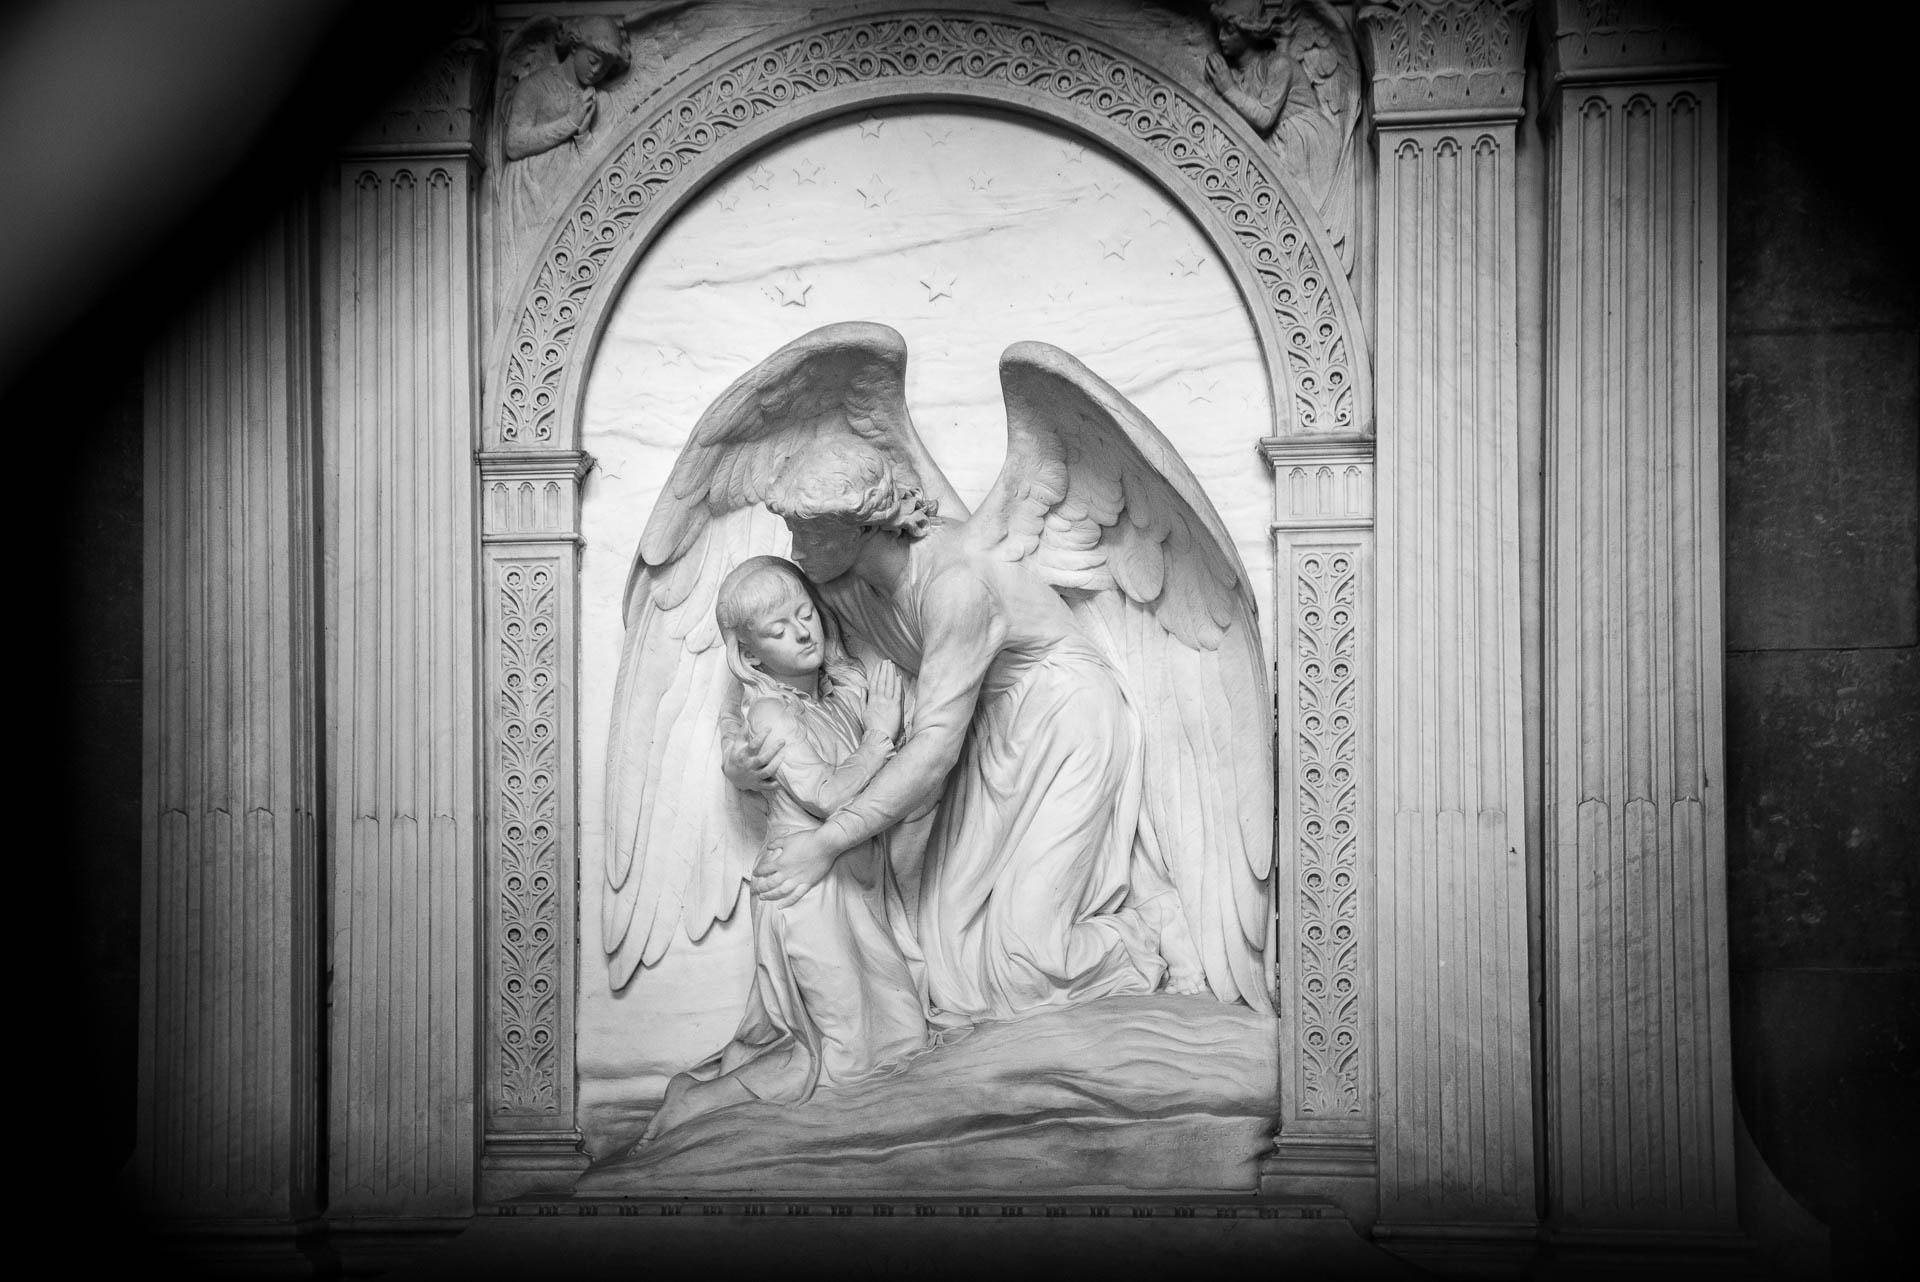 Sculpture de H. H. Armstead au cimetière Highgate, Londres